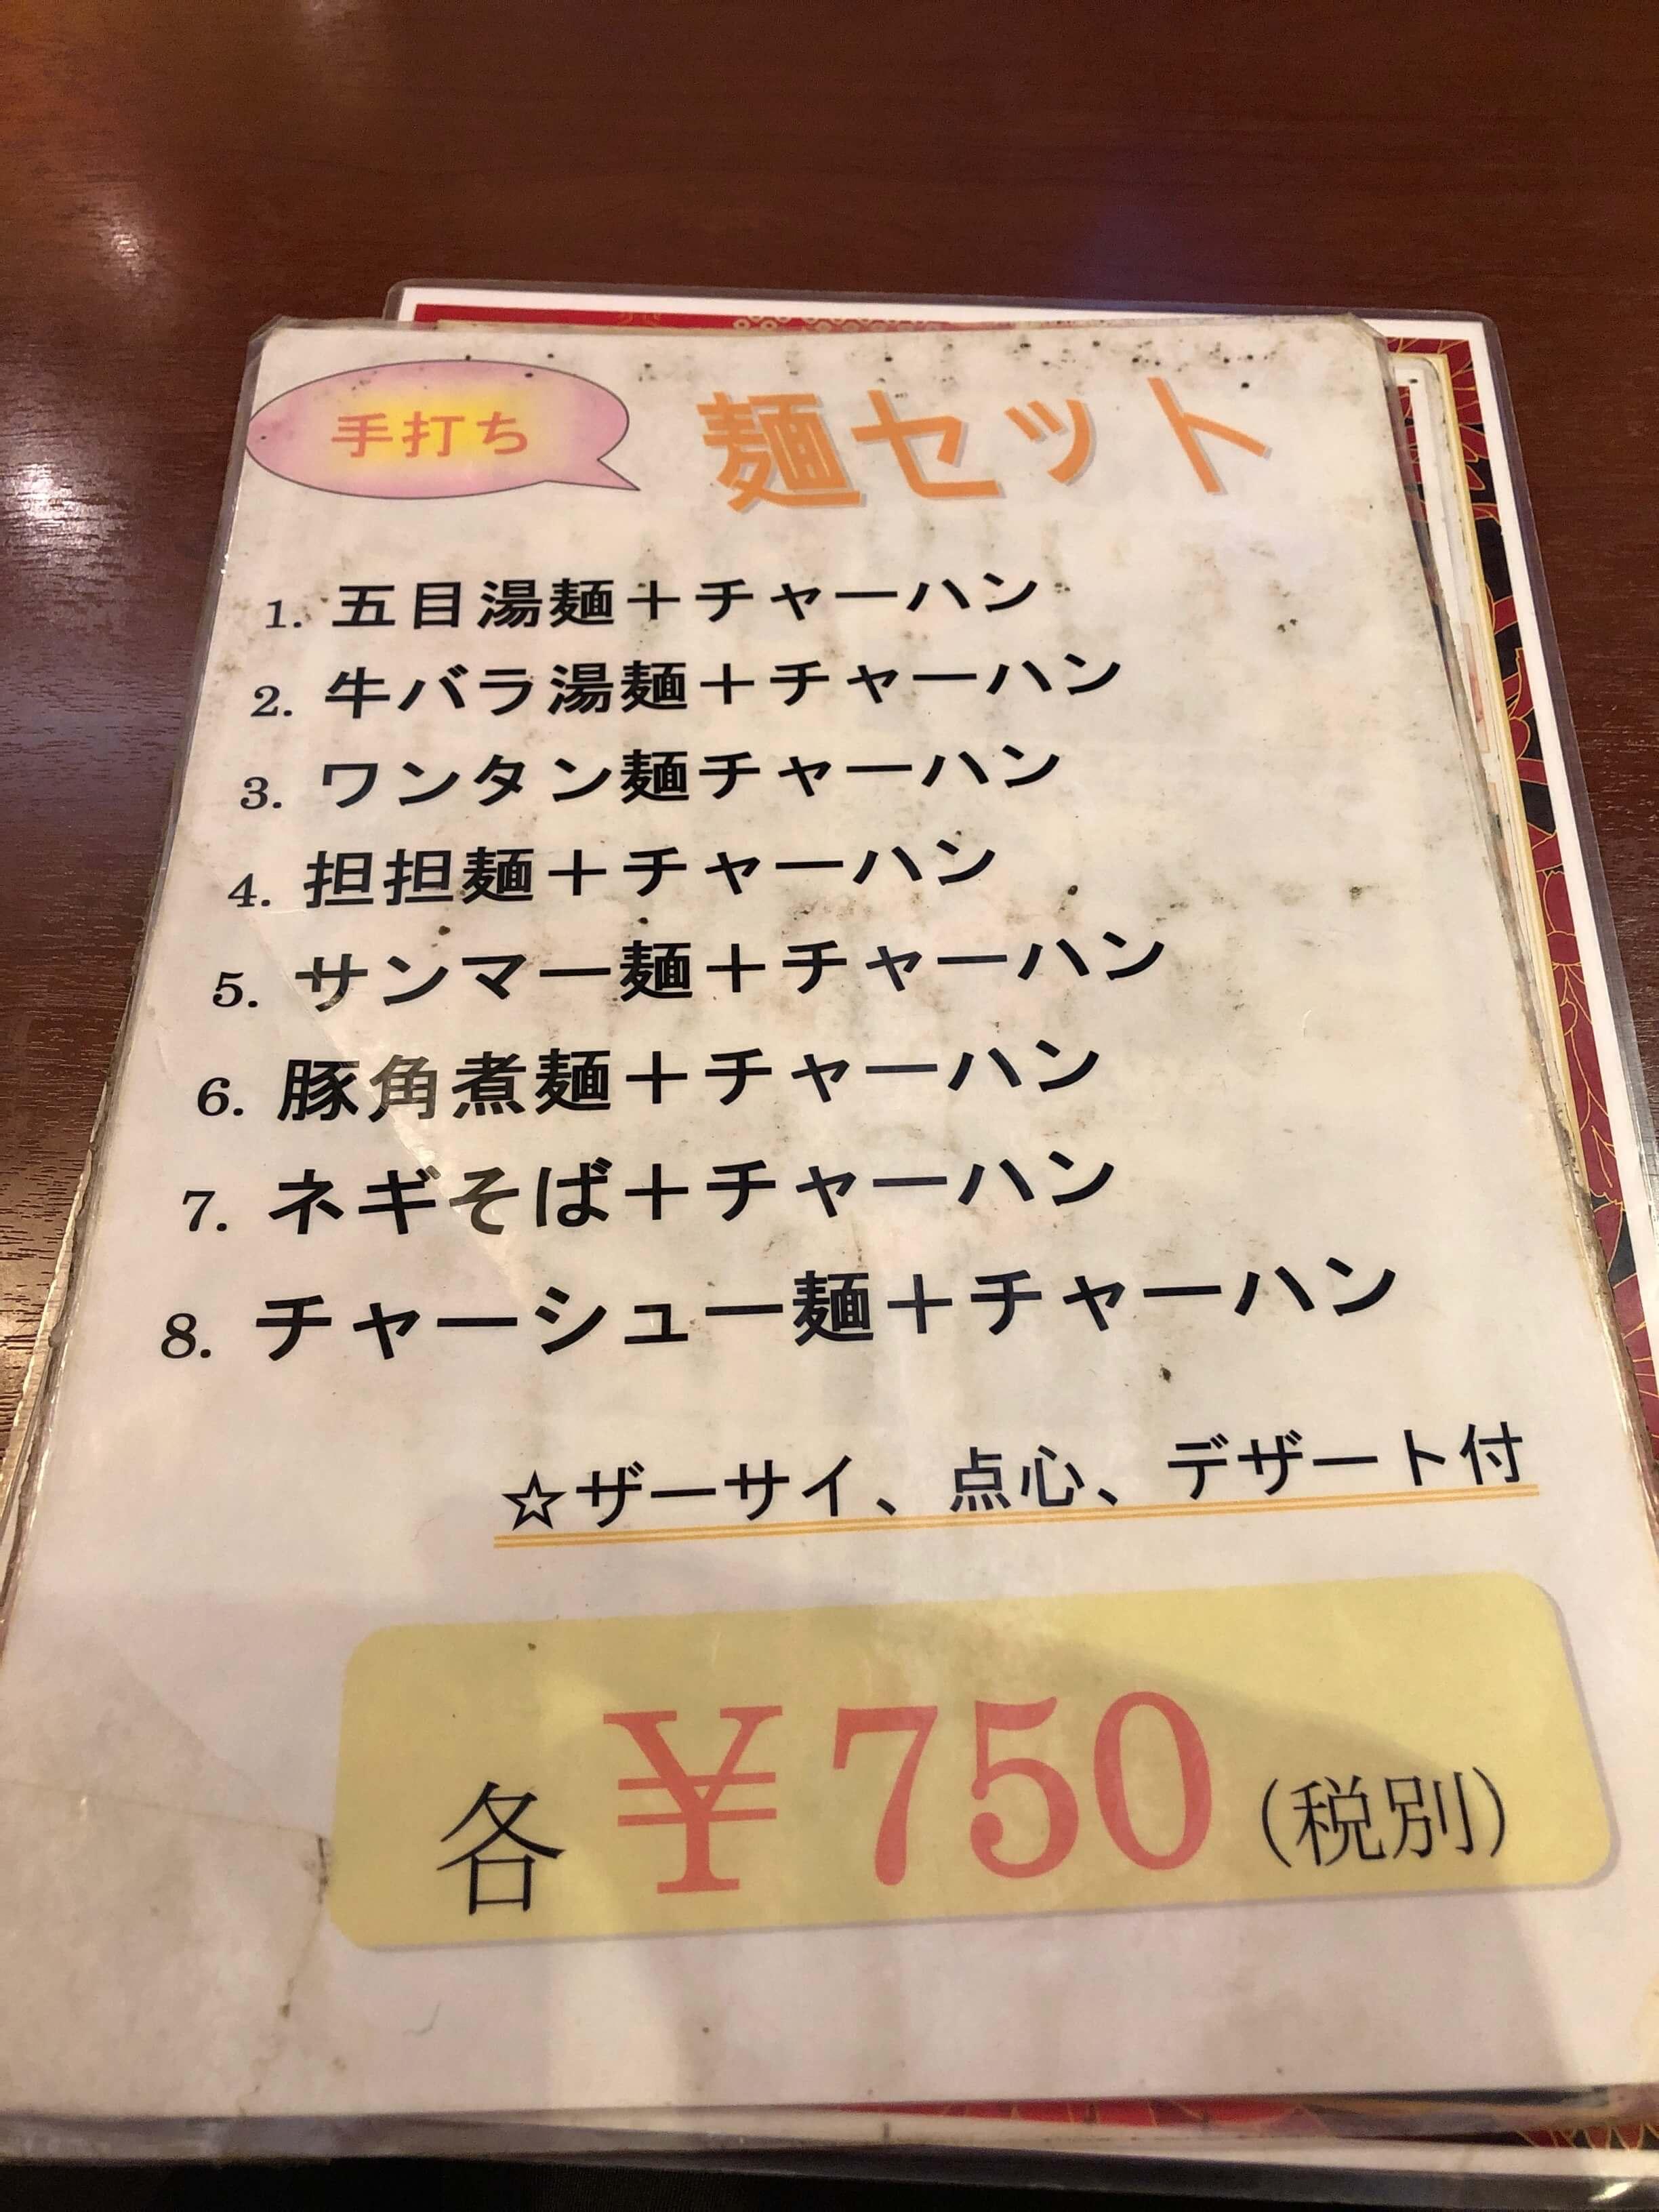 珍膳美 メニュー 2019.08.04